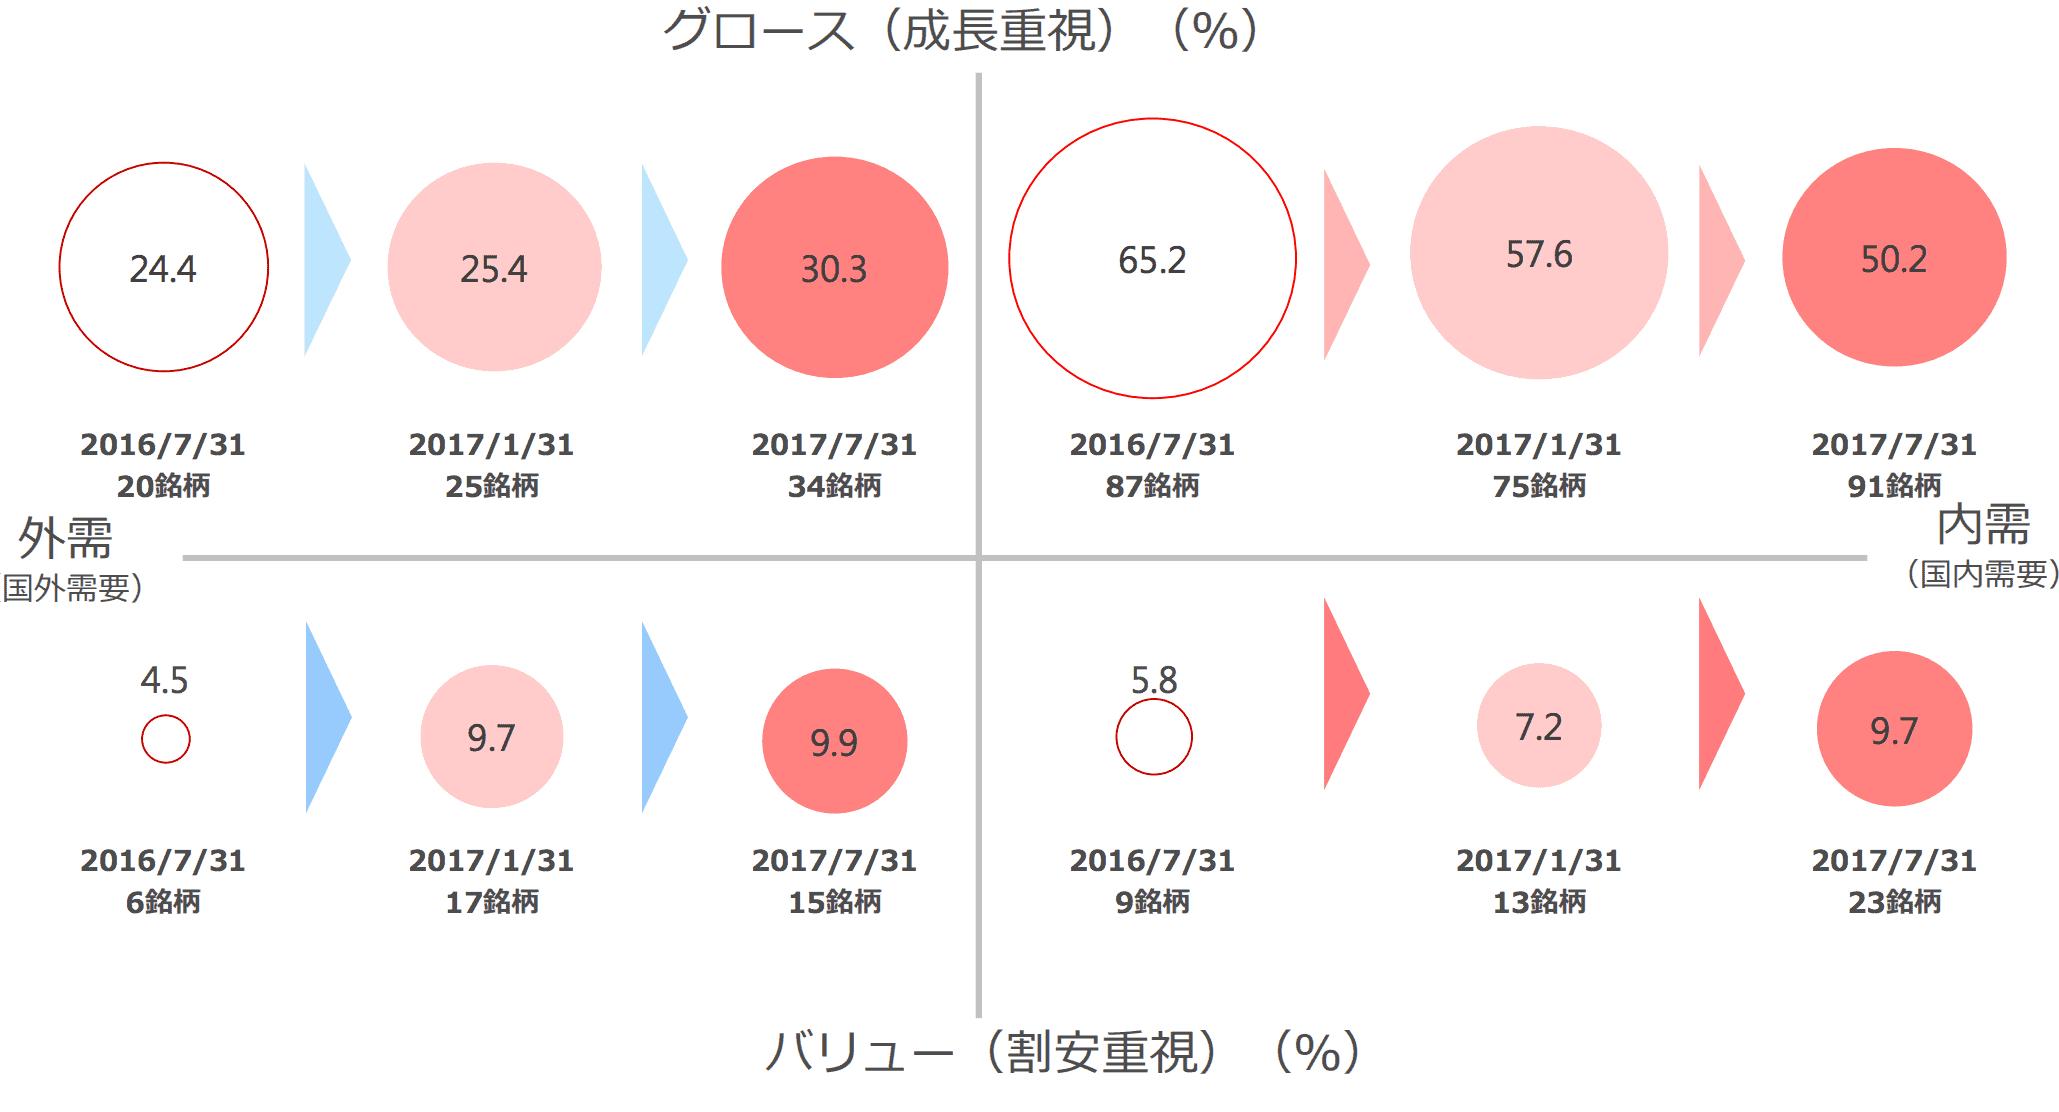 ひふみ構成株の割合(2017年7月次)